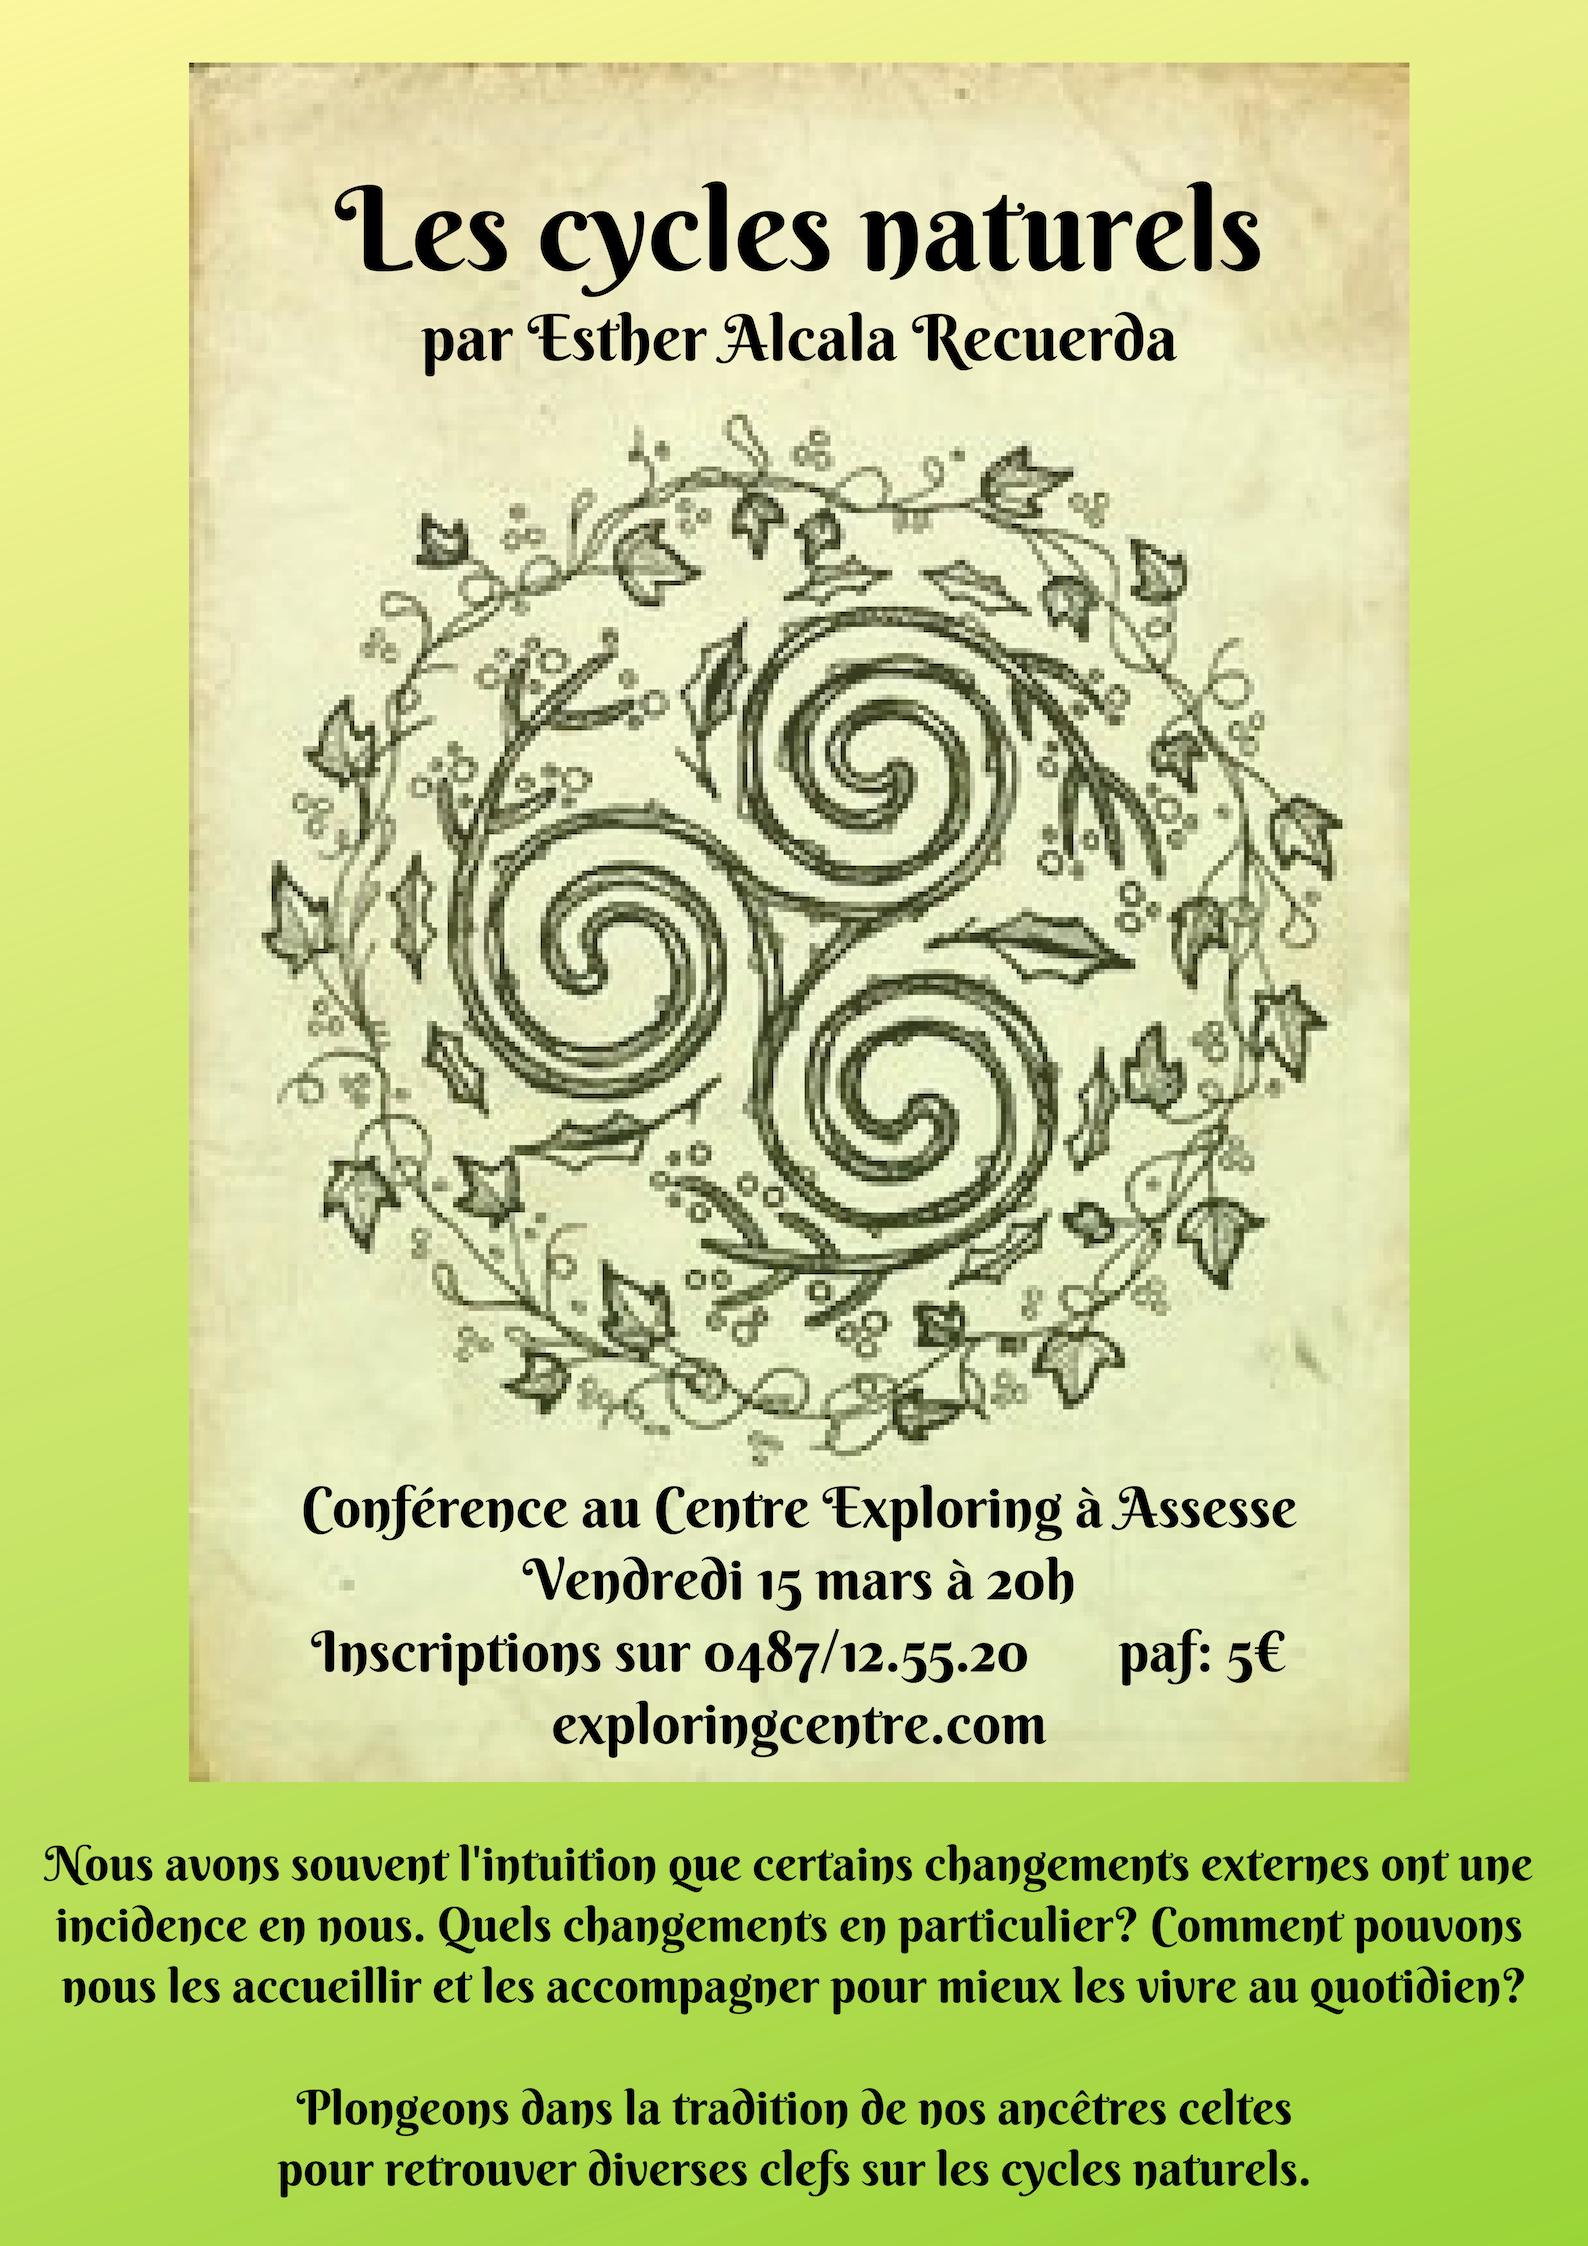 Les cycles naturels par Esther Alcala Recuerda.png